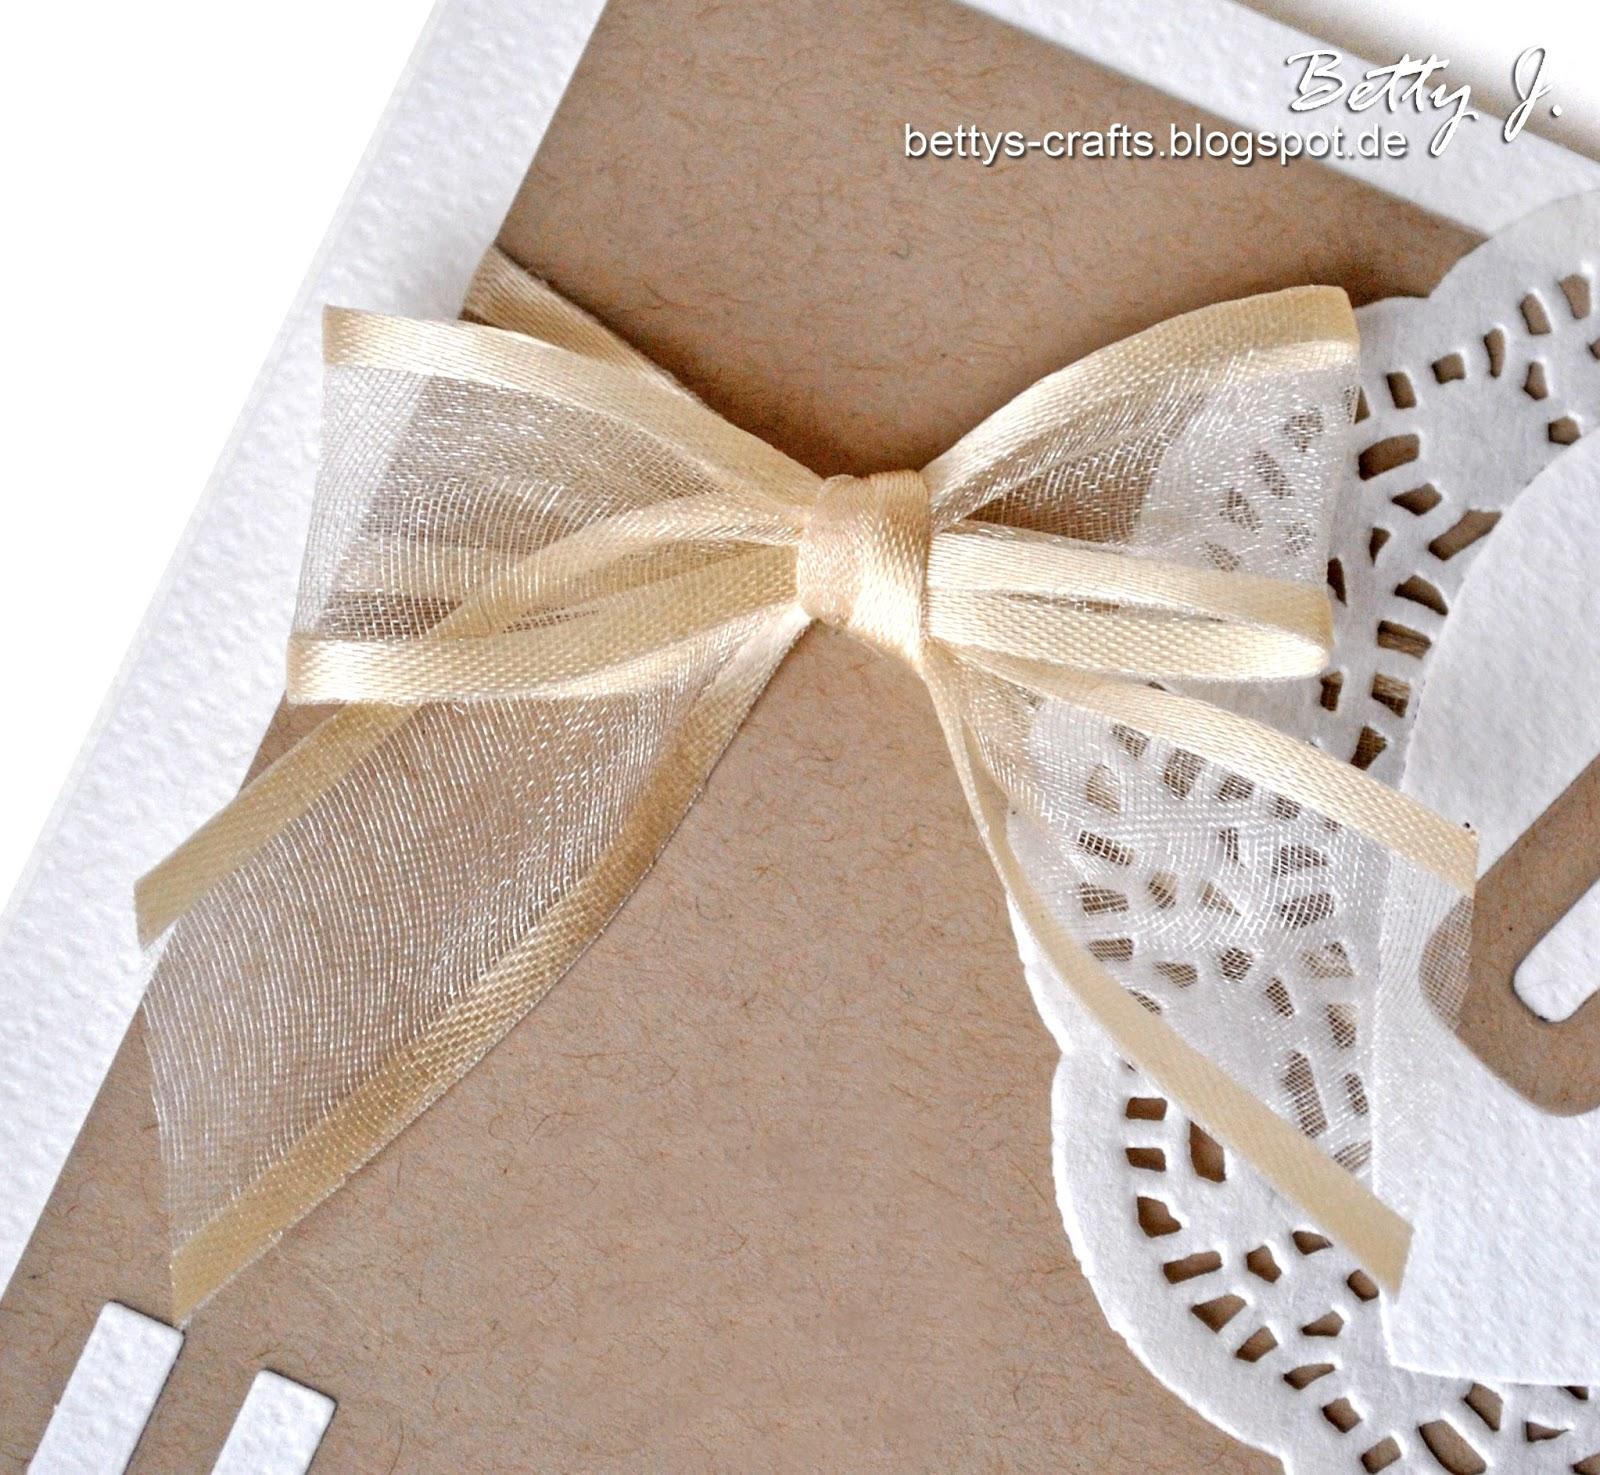 Bettys crafts wie binde ich eine schleife how to tie a bow - Schleife binden youtube ...